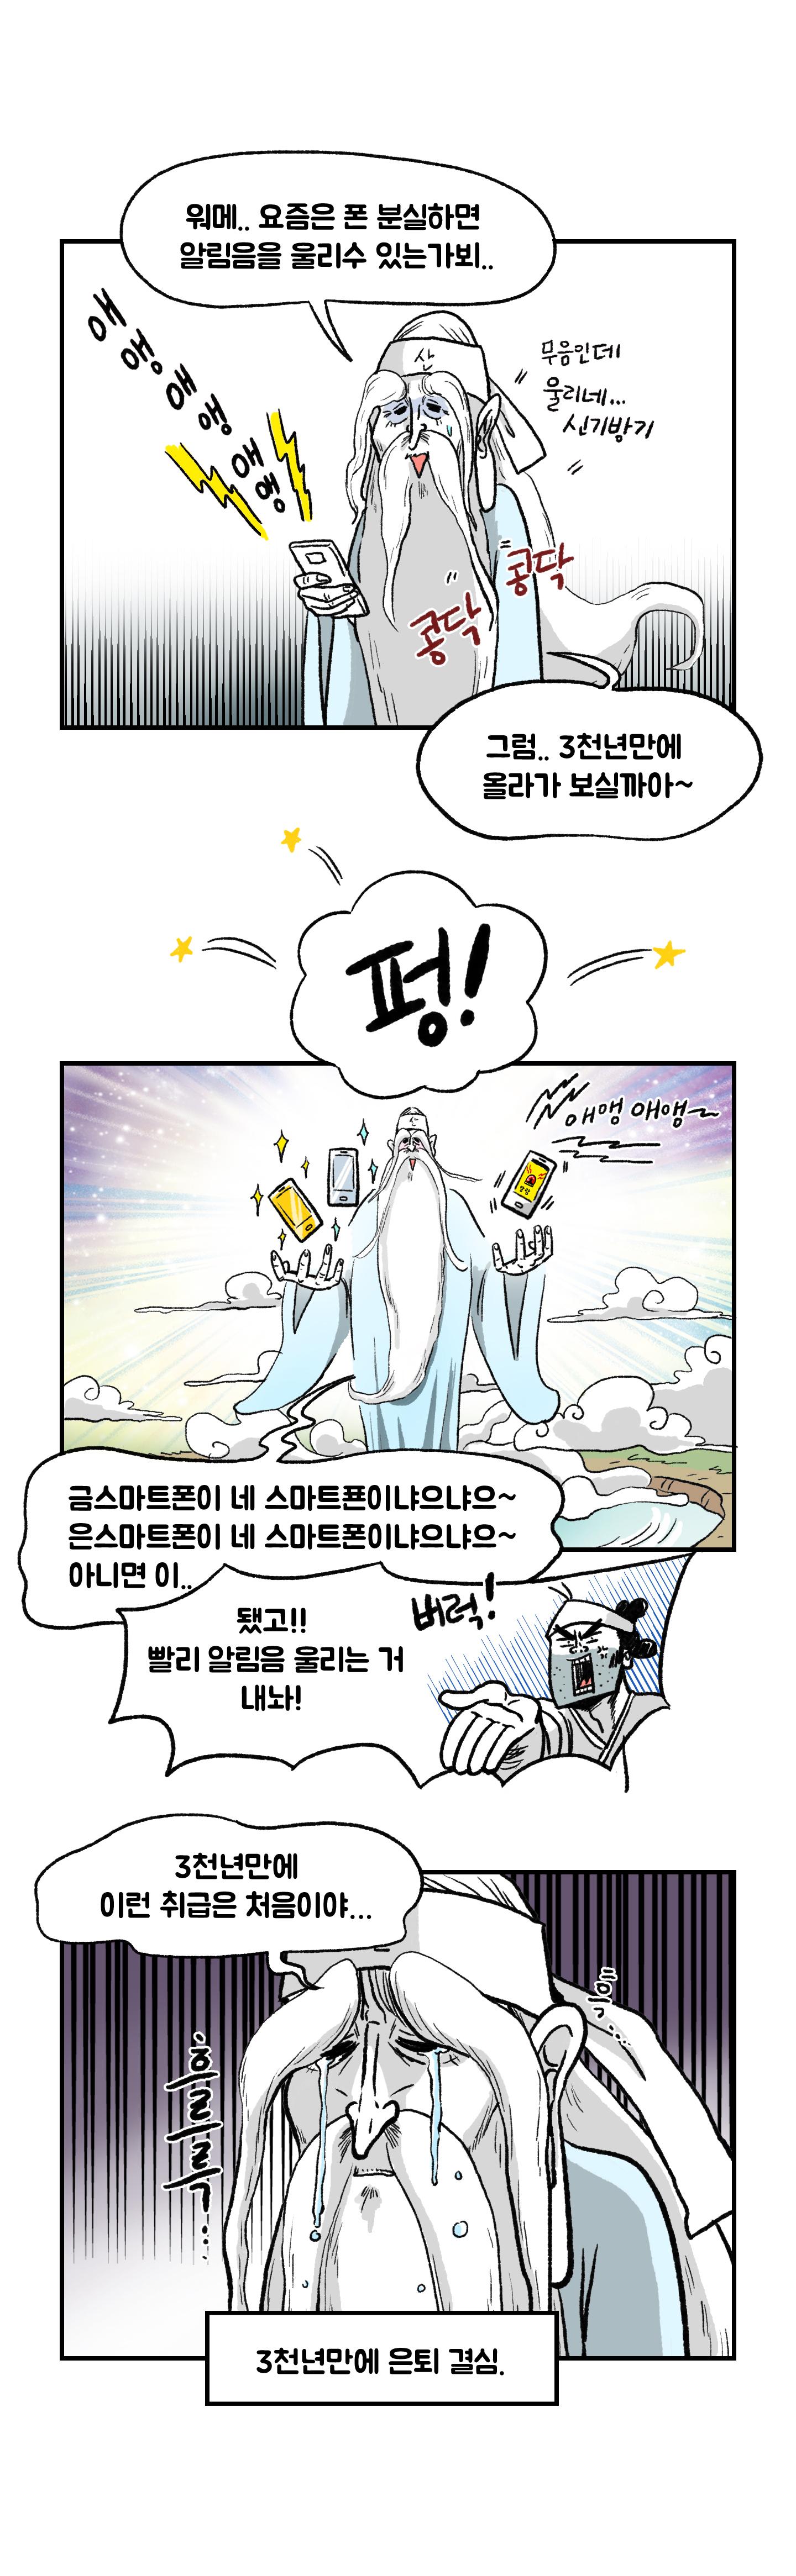 05화-금도끼은도끼-업로드_04